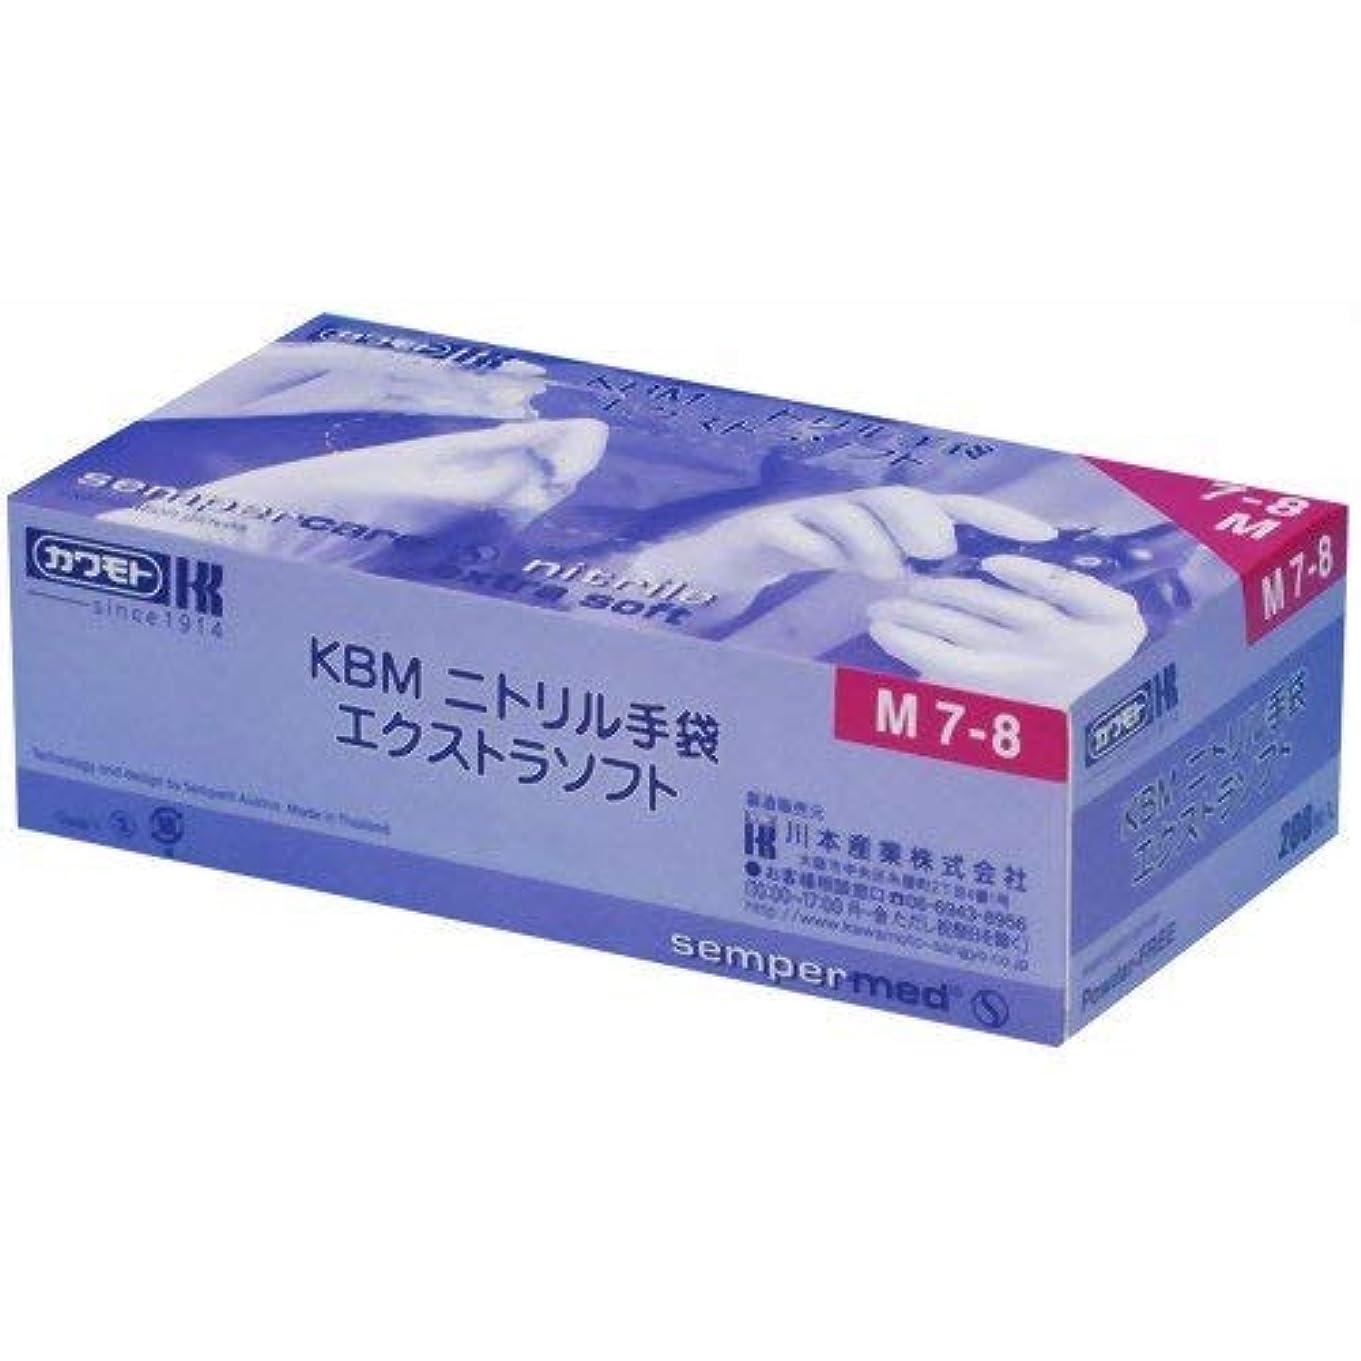 爆発誘惑アマチュア川本産業 KBMニトリル手袋 エクストラソフト S 200枚入 × 48個セット